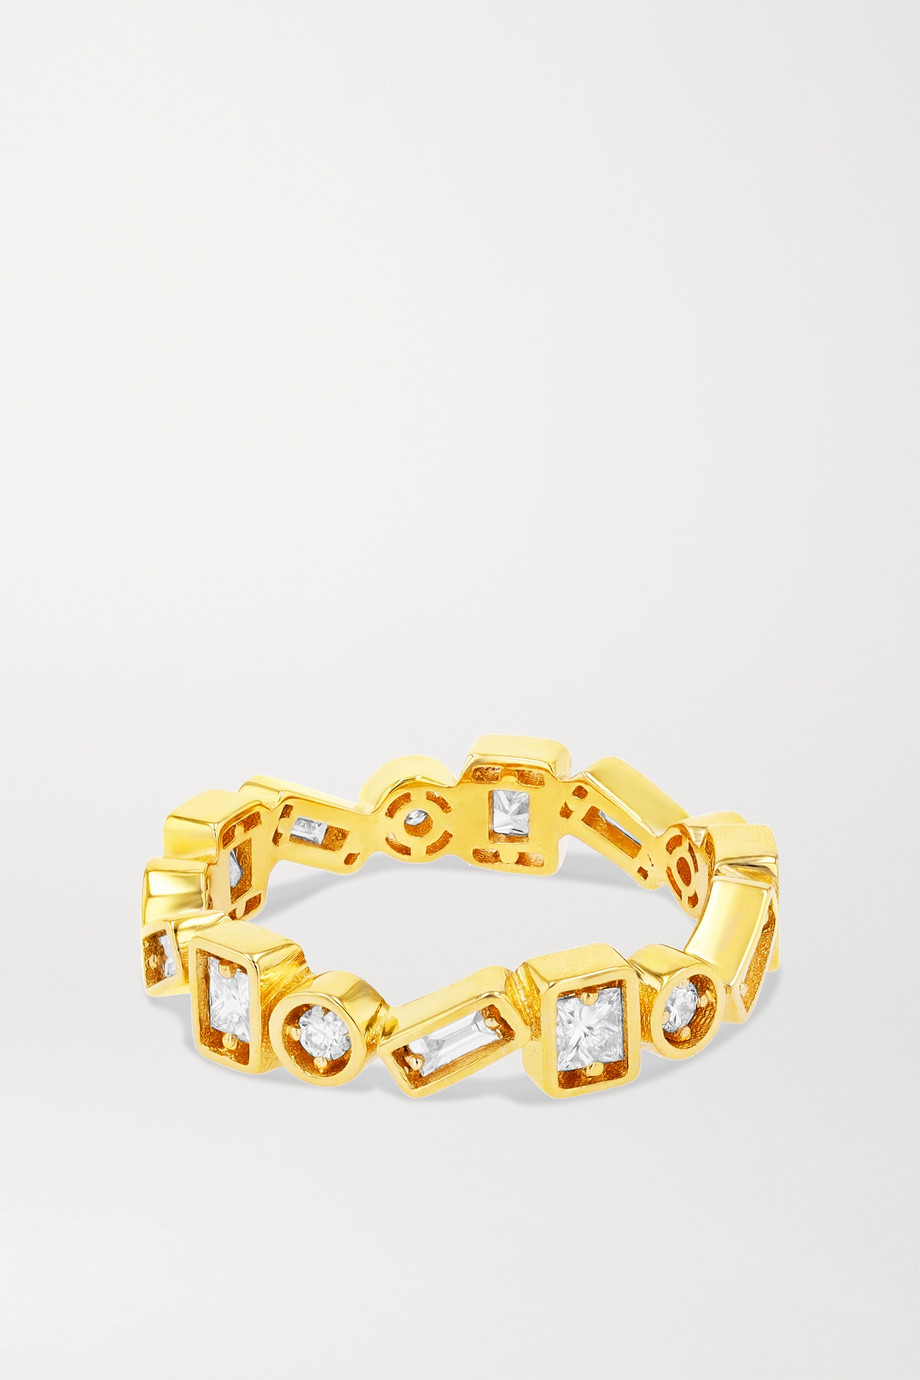 Suzanne Kalan Bague en or 18carats et diamants